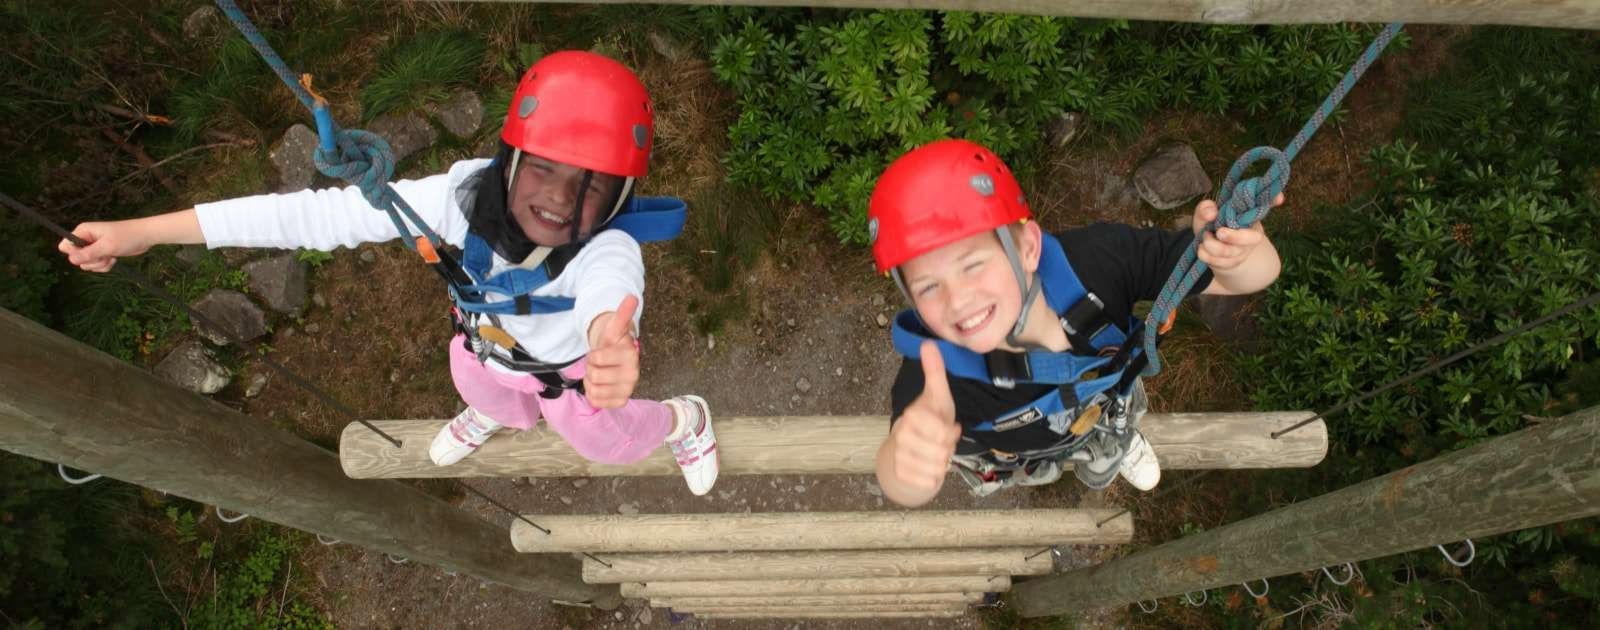 kids adventure activities